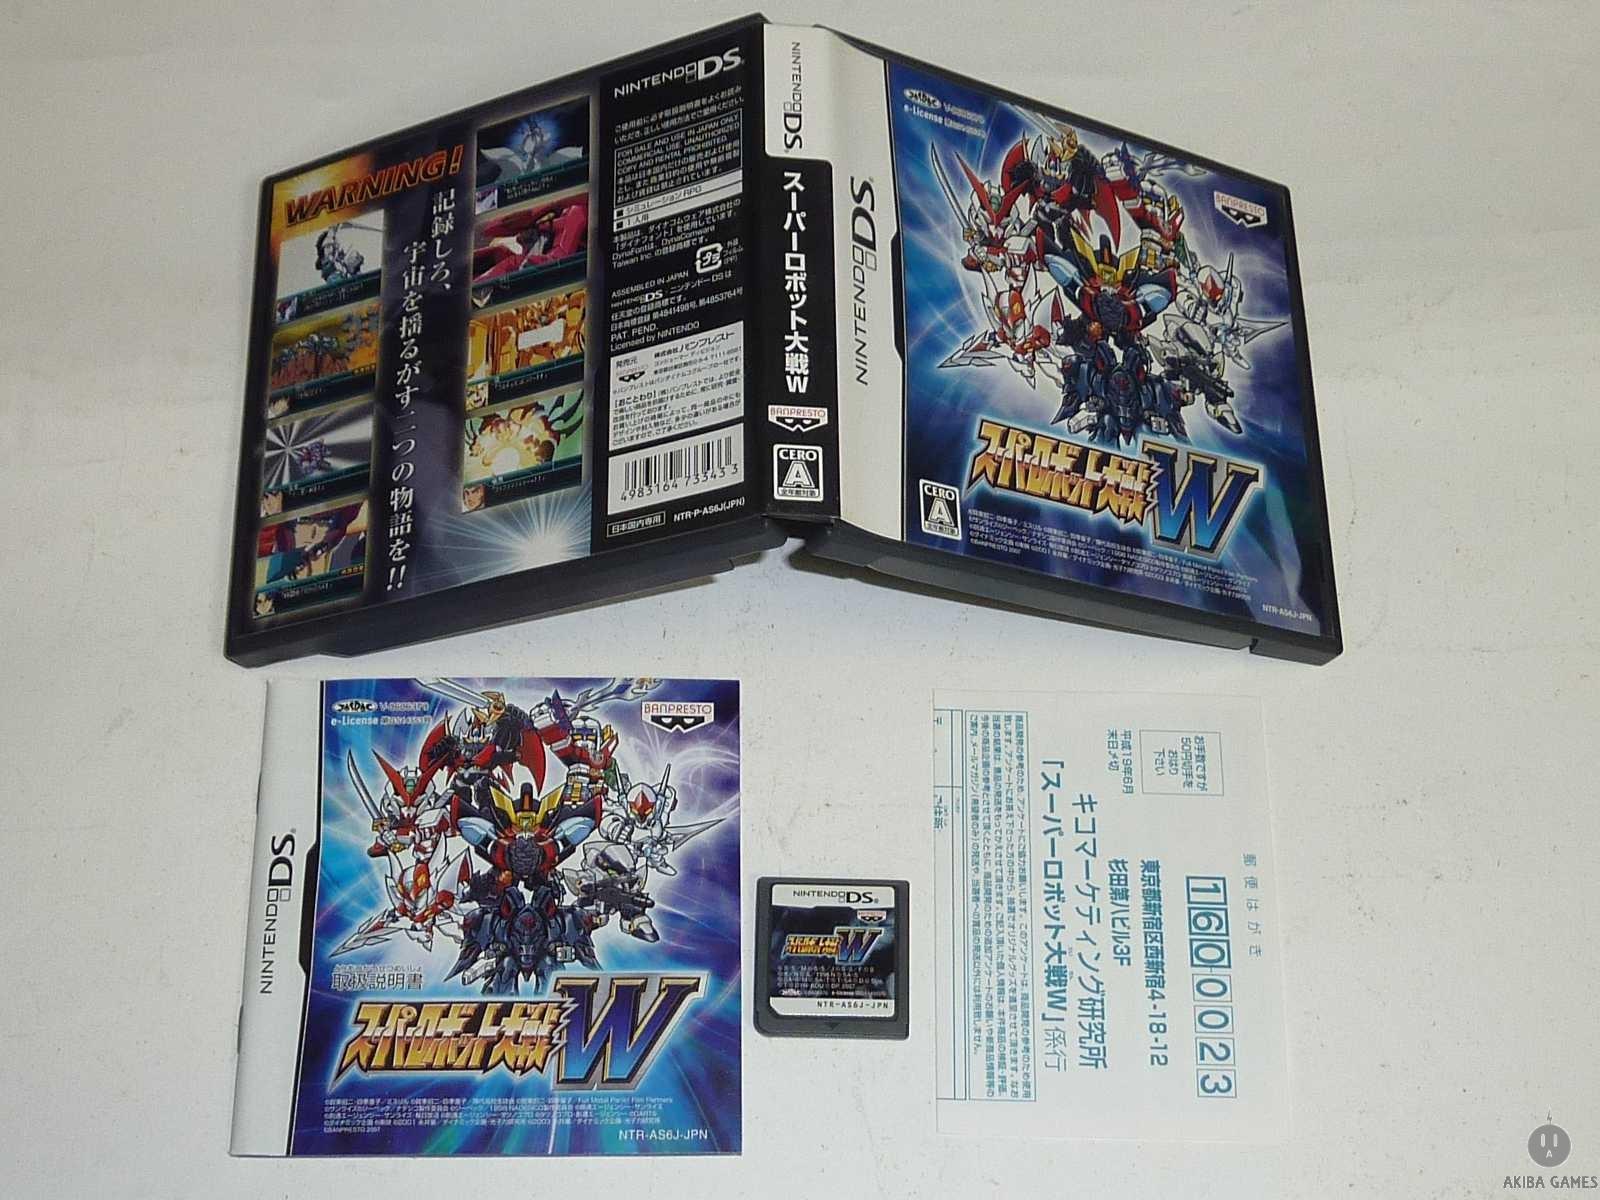 [DS] Super Robot Wars W DS